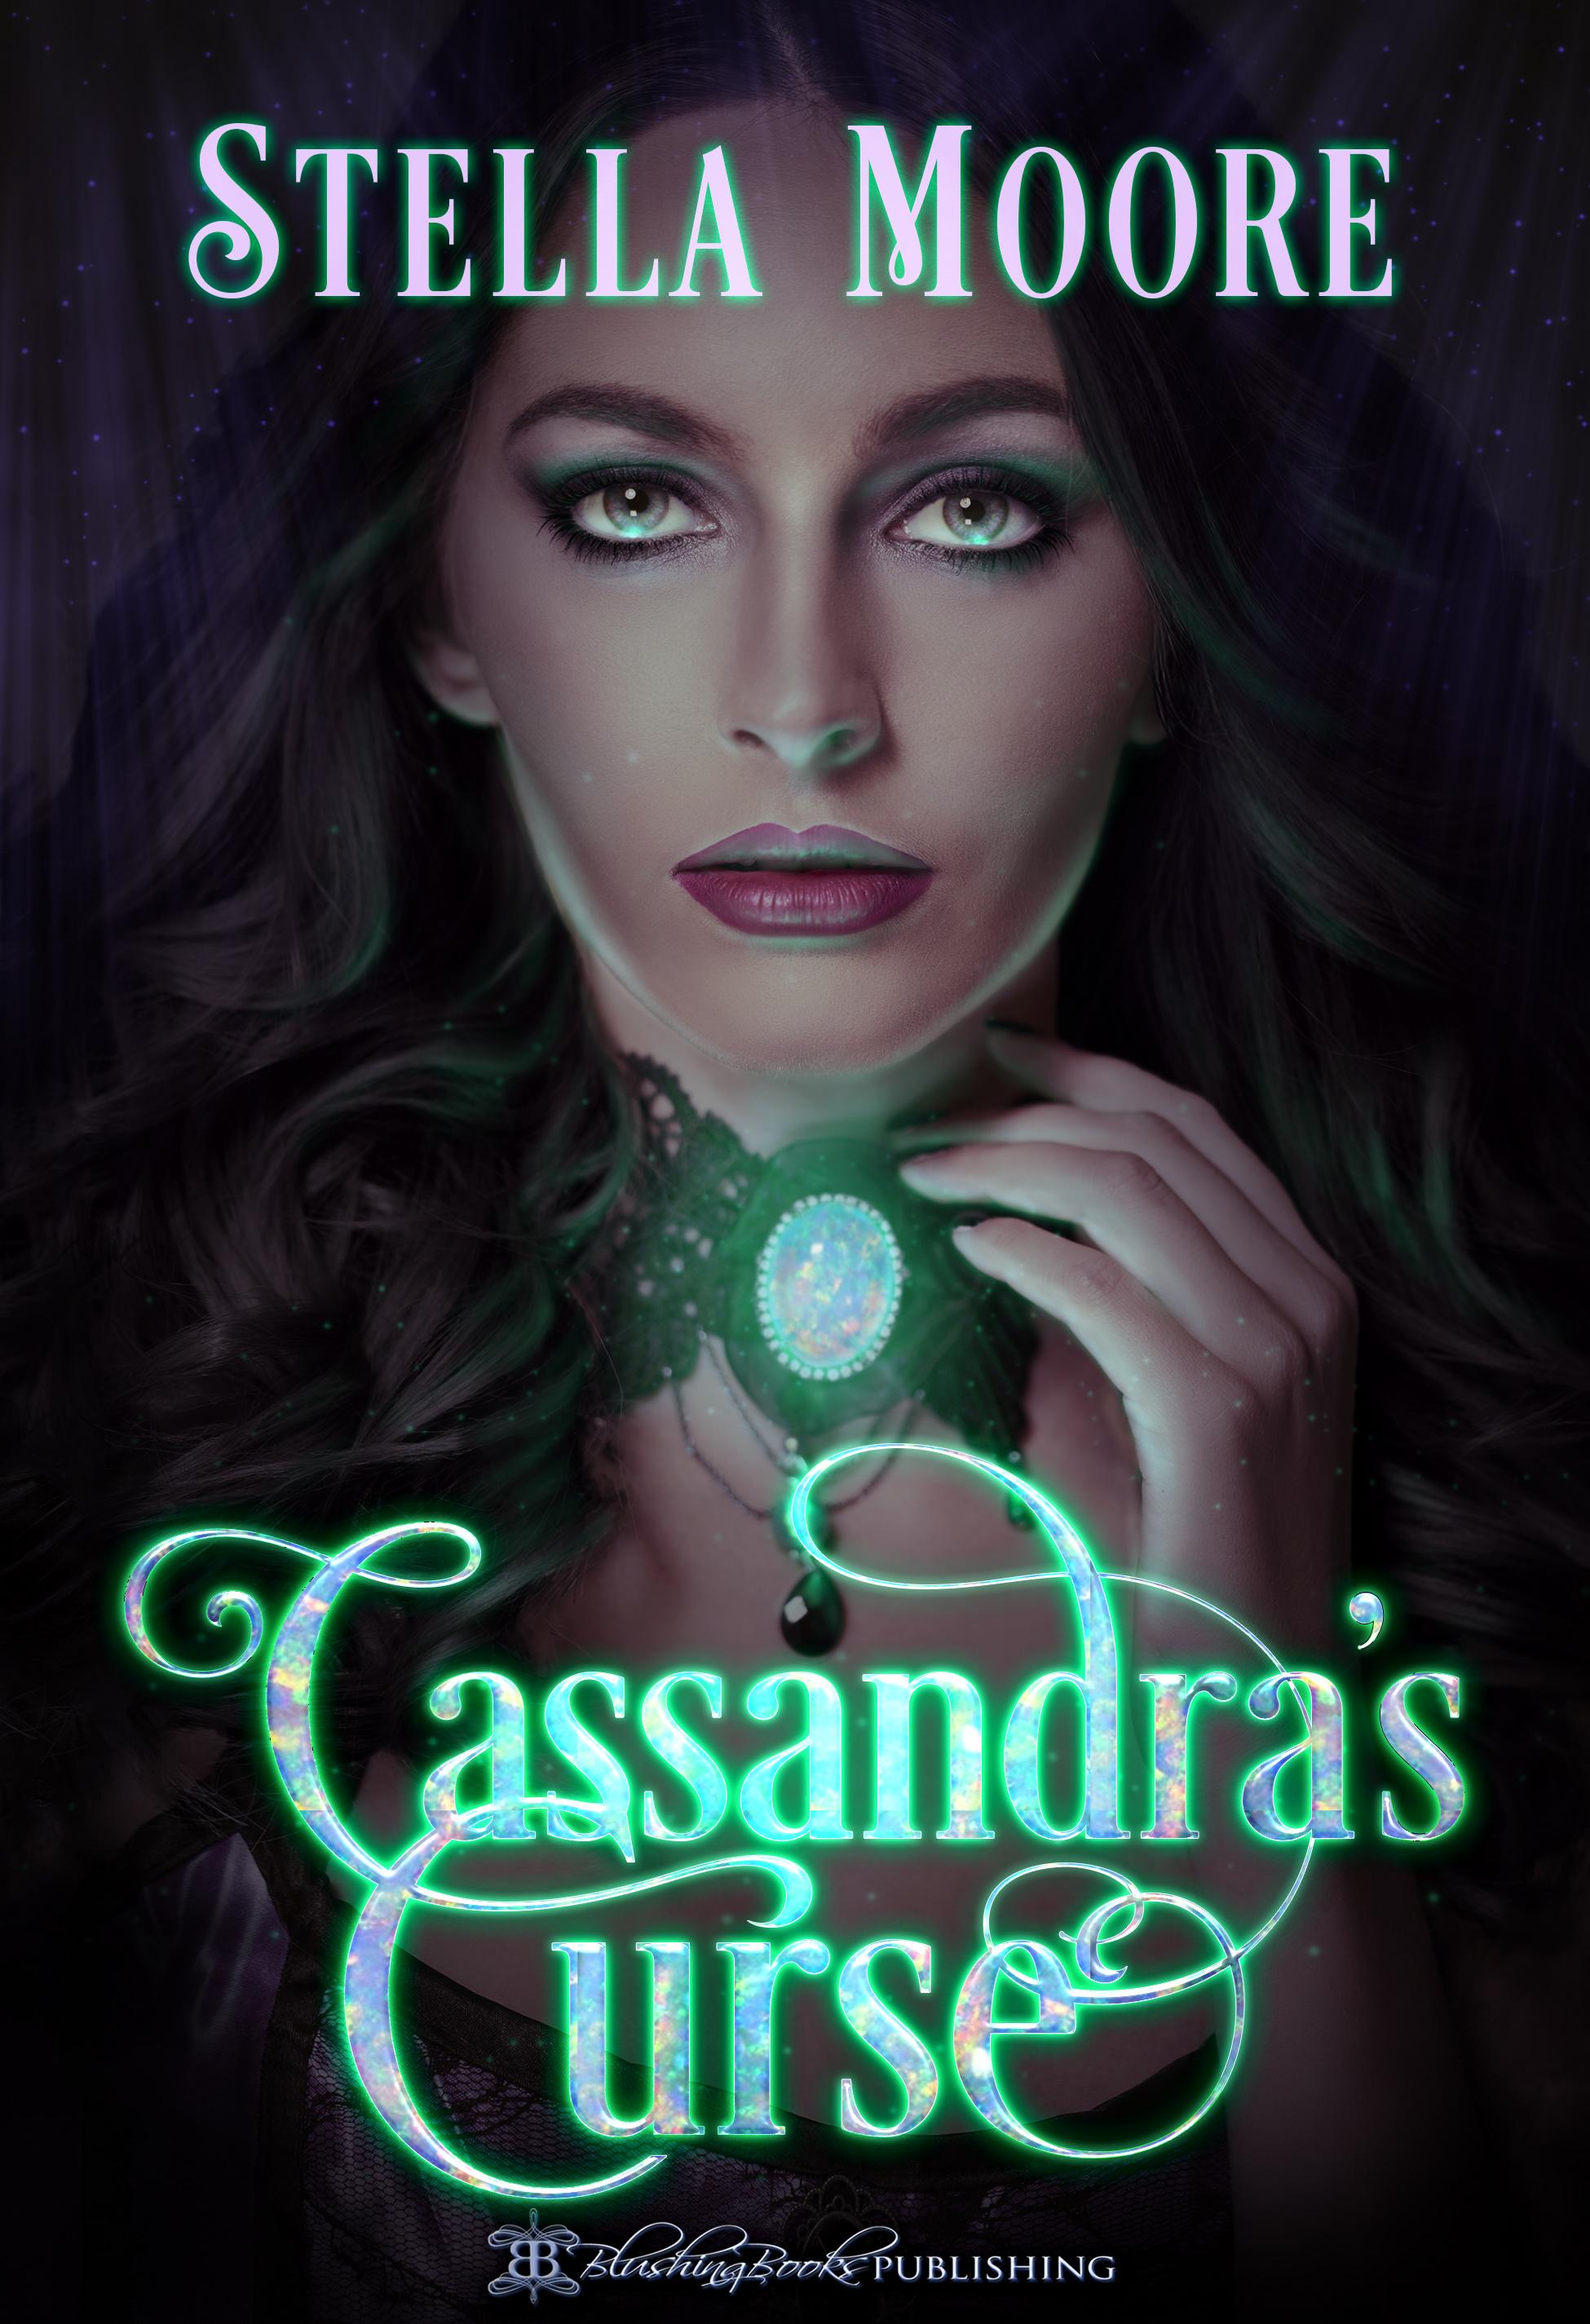 Cassandas_Curse_v1.1.jpg